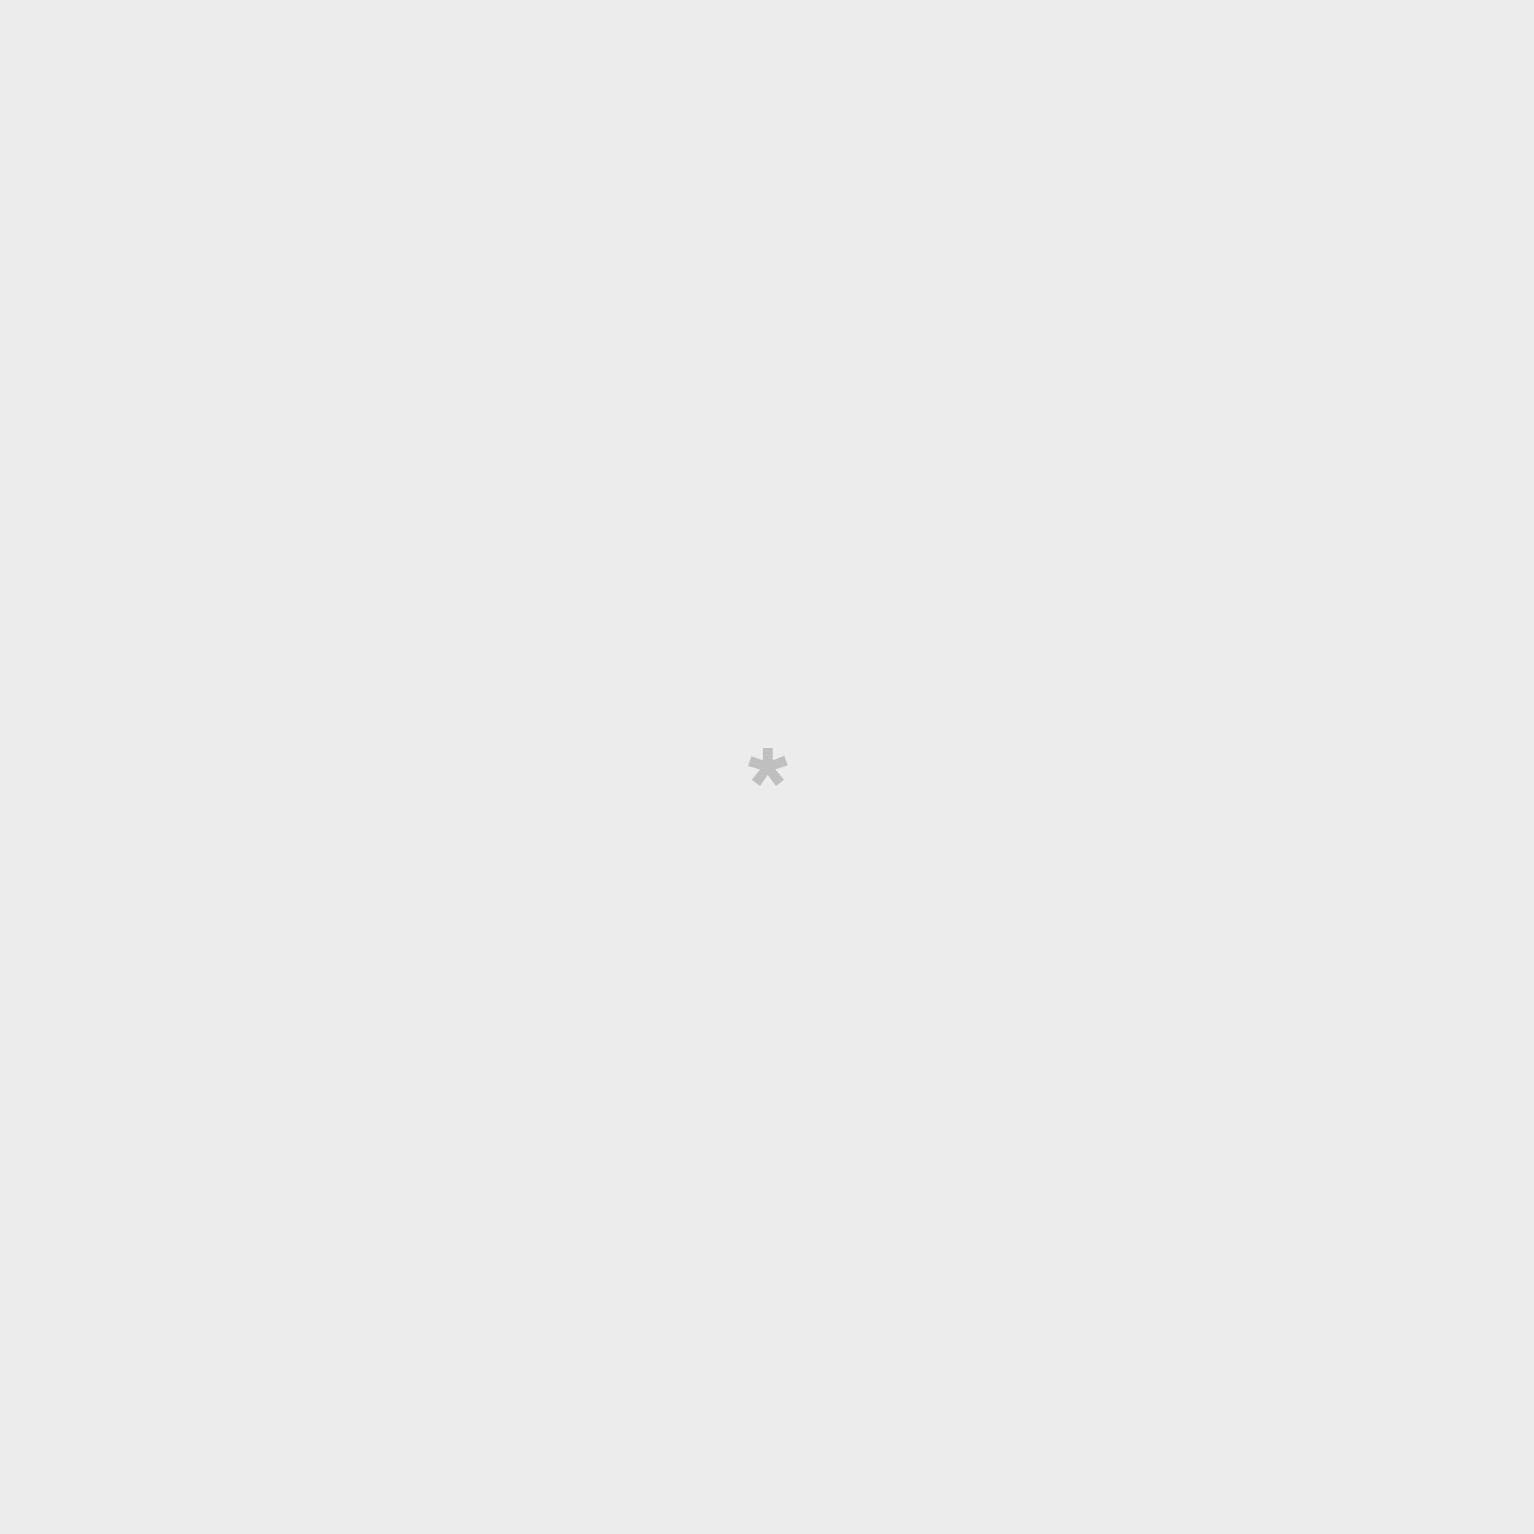 Calendari de sobretaula - 2022 serà un gran any!